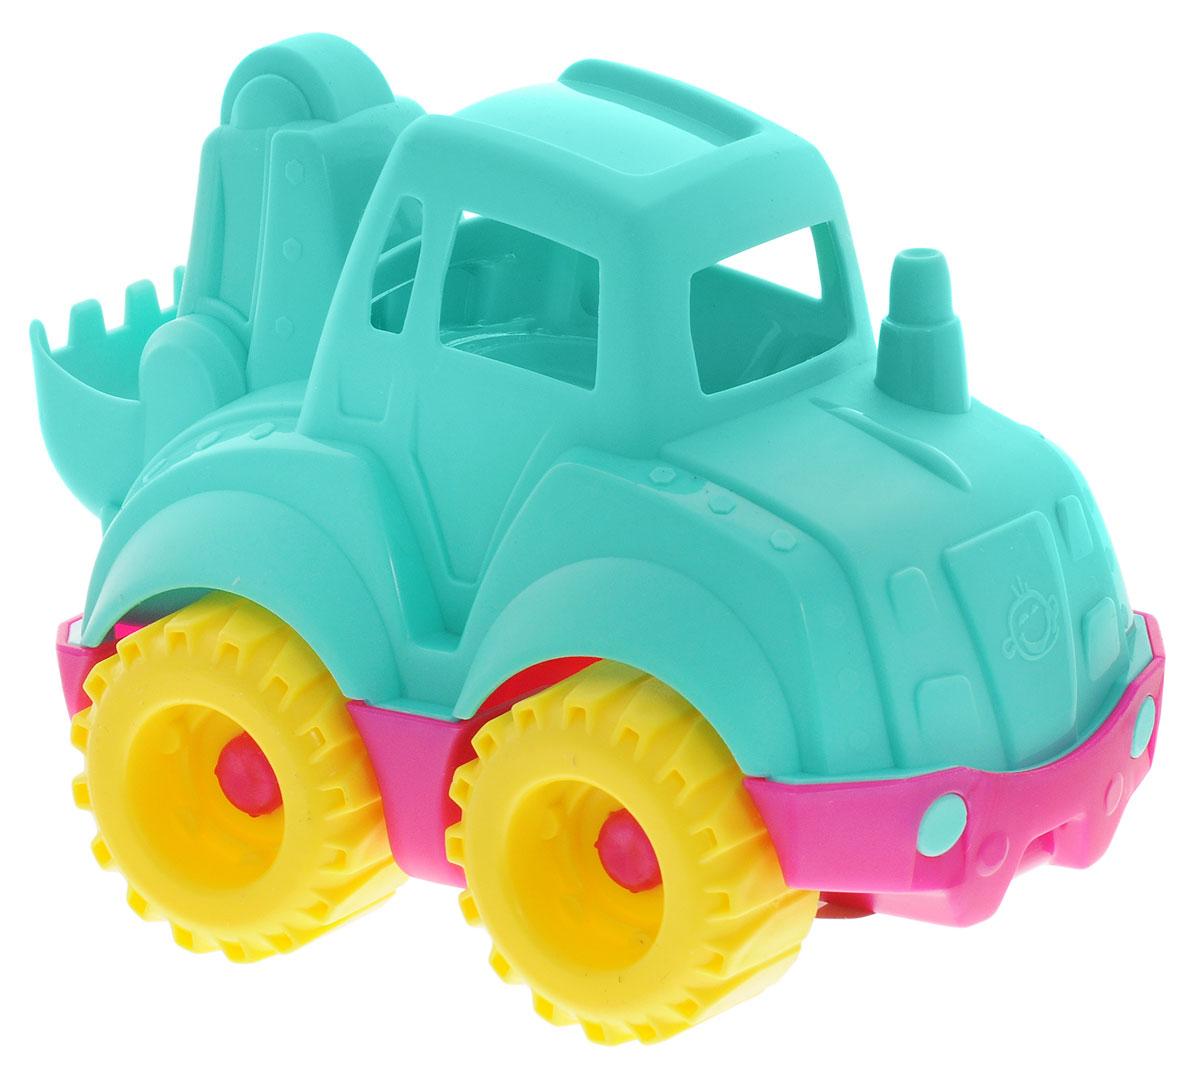 Нордпласт Трактор Шкода цвет бирюзовыйШКД11_бирюзовыйТрактор Нордпласт Шкода - это идеальный выбор для увлекательных игр на свежем воздухе или в помещении. Яркие и приятные цвета игрушки привлекут внимание ребенка. Колеса трактора имеют свободный ход, его можно катать по любой поверхности. Игры с этой машинкой способствуют развитию воображения, мышления, мелкой моторики рук и координации движений. Игрушка изготовлена из нетоксичного и качественного пластика, полностью безопасна для ребенка.